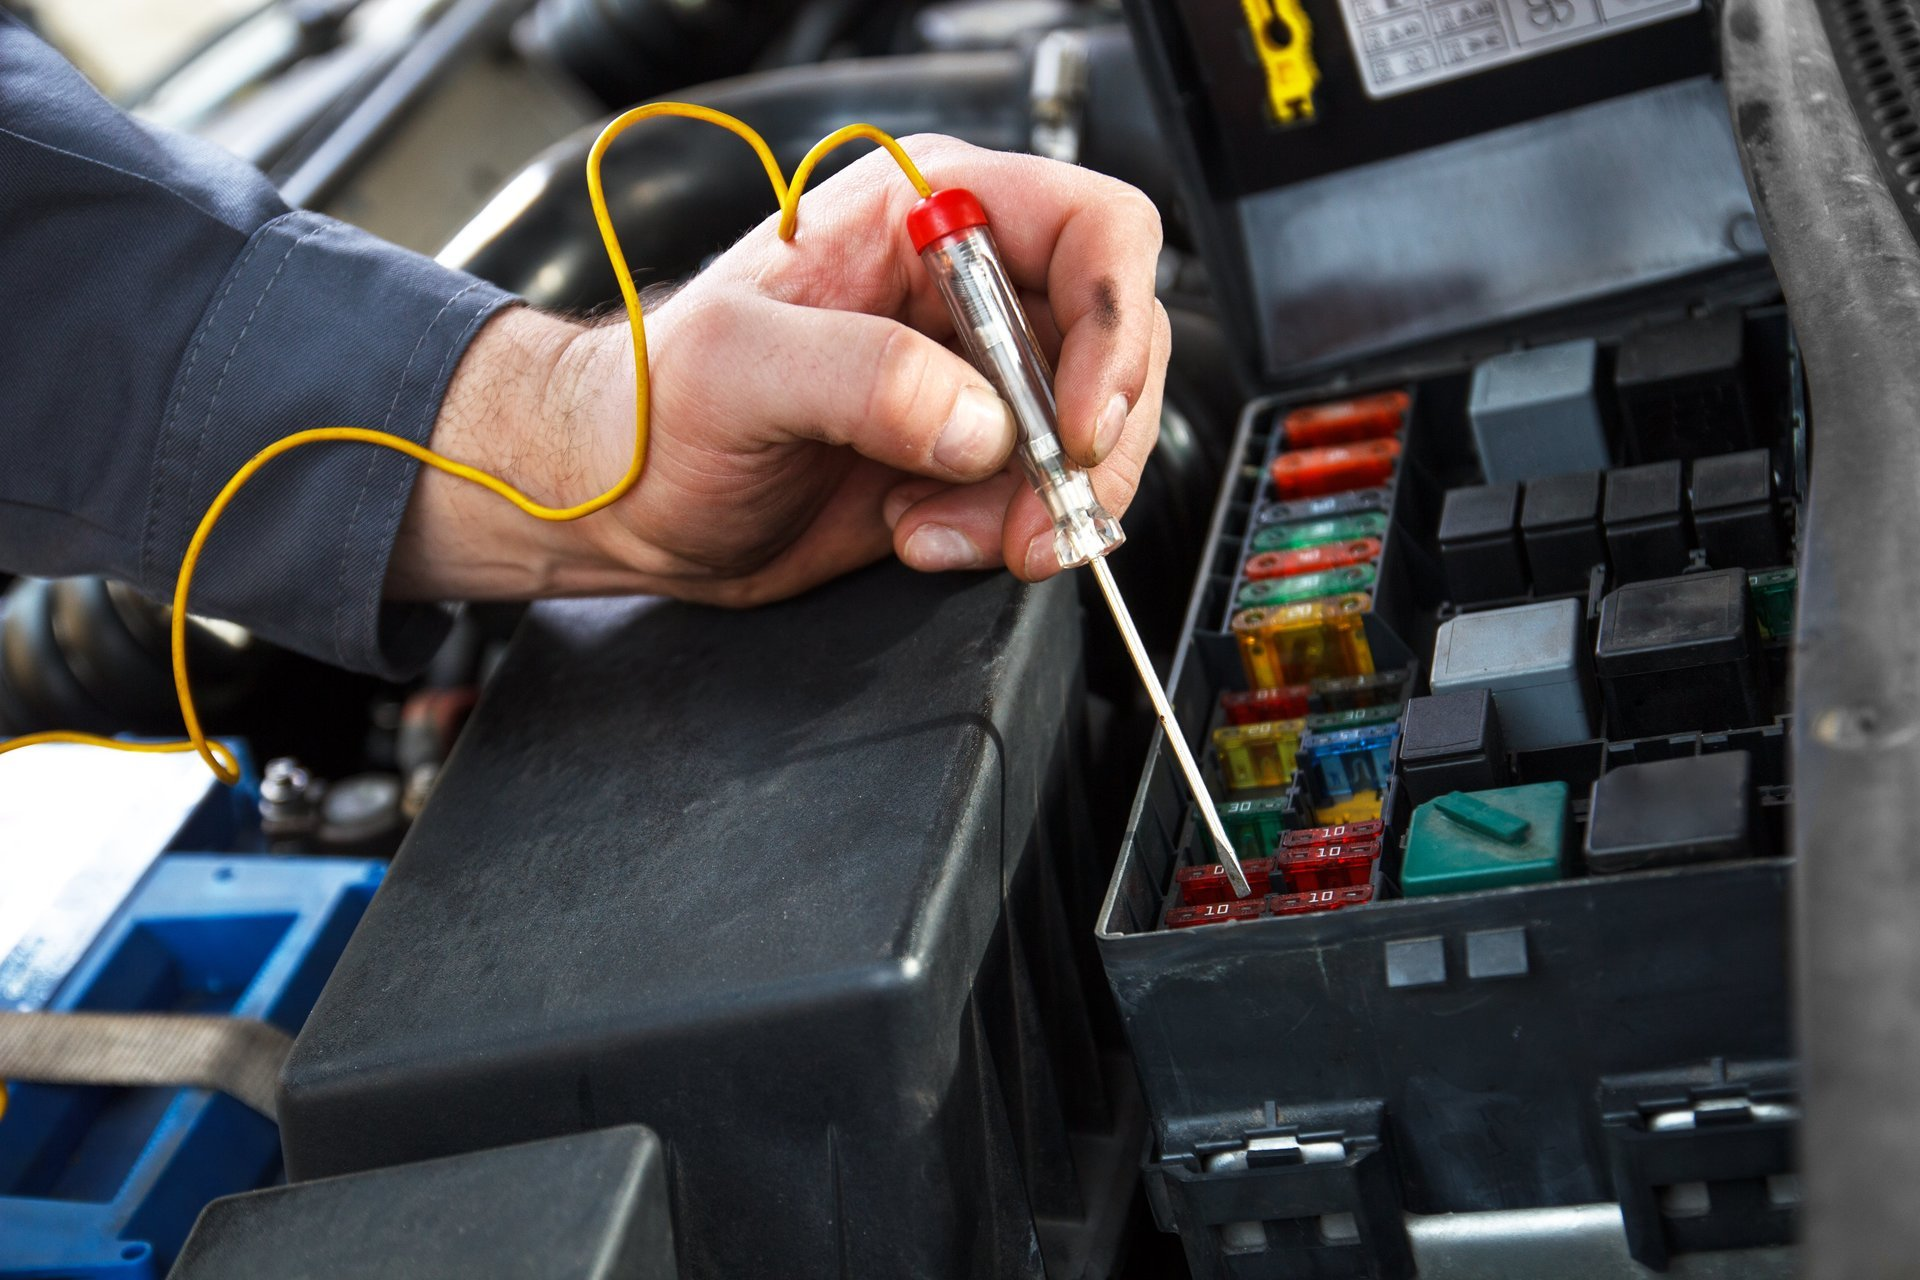 assistenza elettrauto